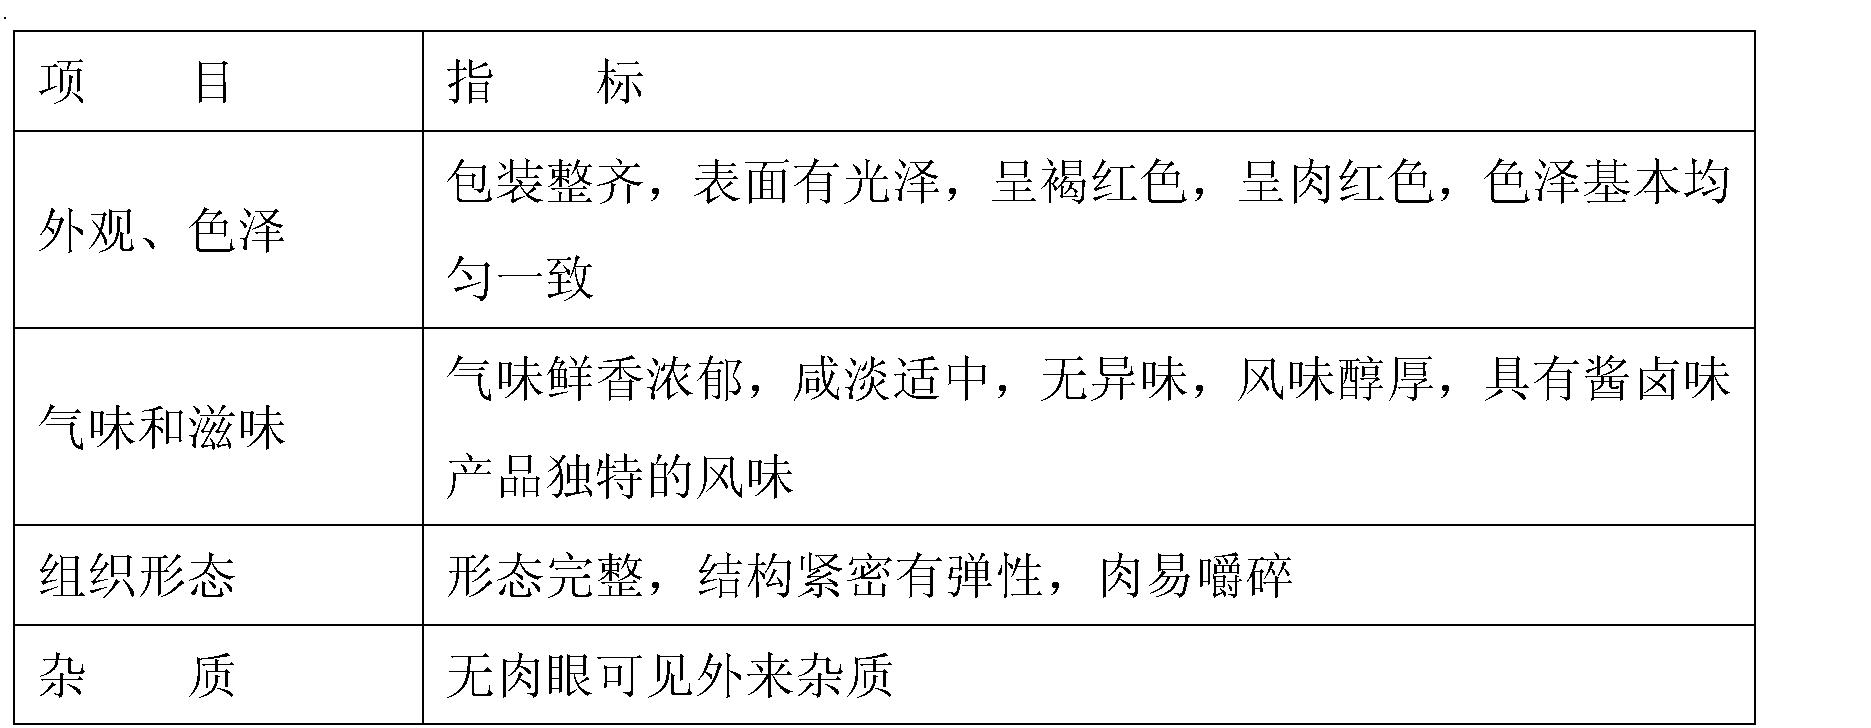 Figure CN102224941BD00111